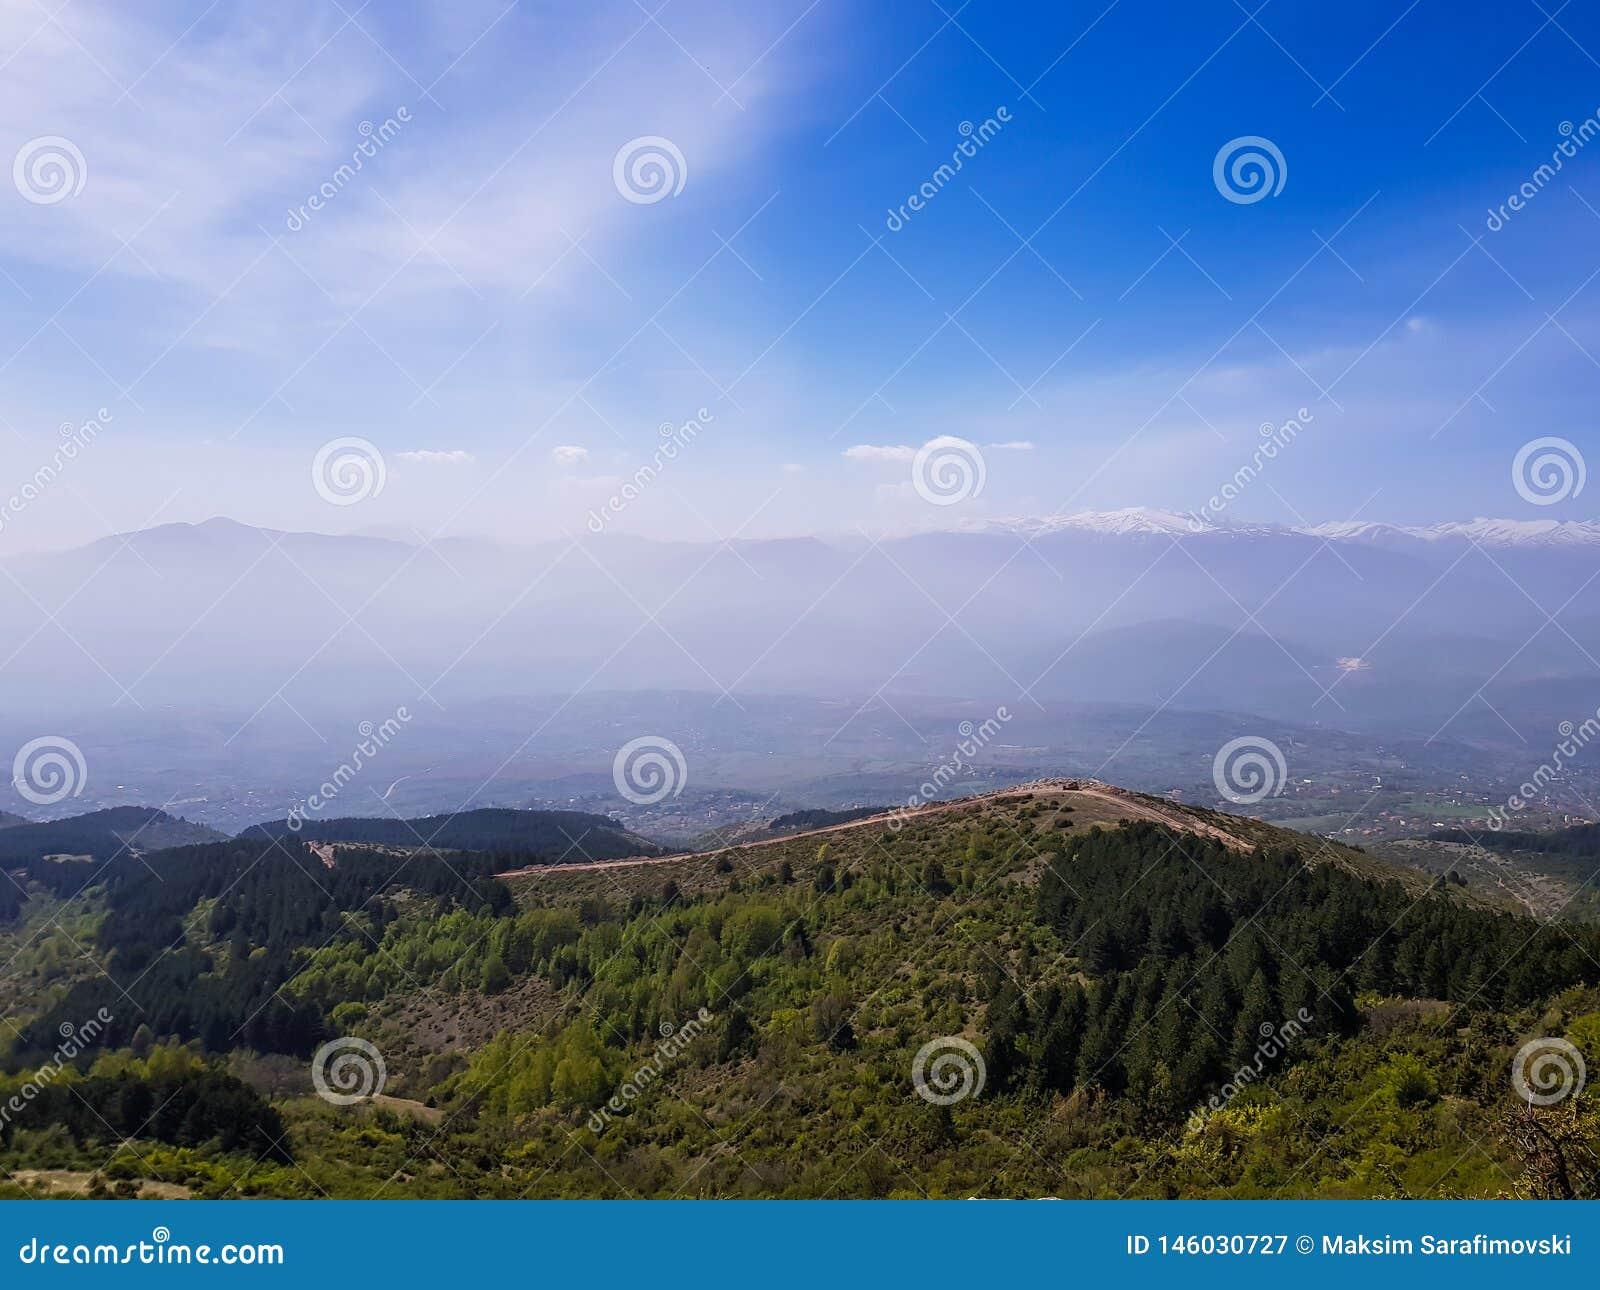 Καταπληκτικό τοπίο βουνών στο νεφελώδη ουρανό, φυσικό υπαίθριο υπόβαθρο ταξιδιού